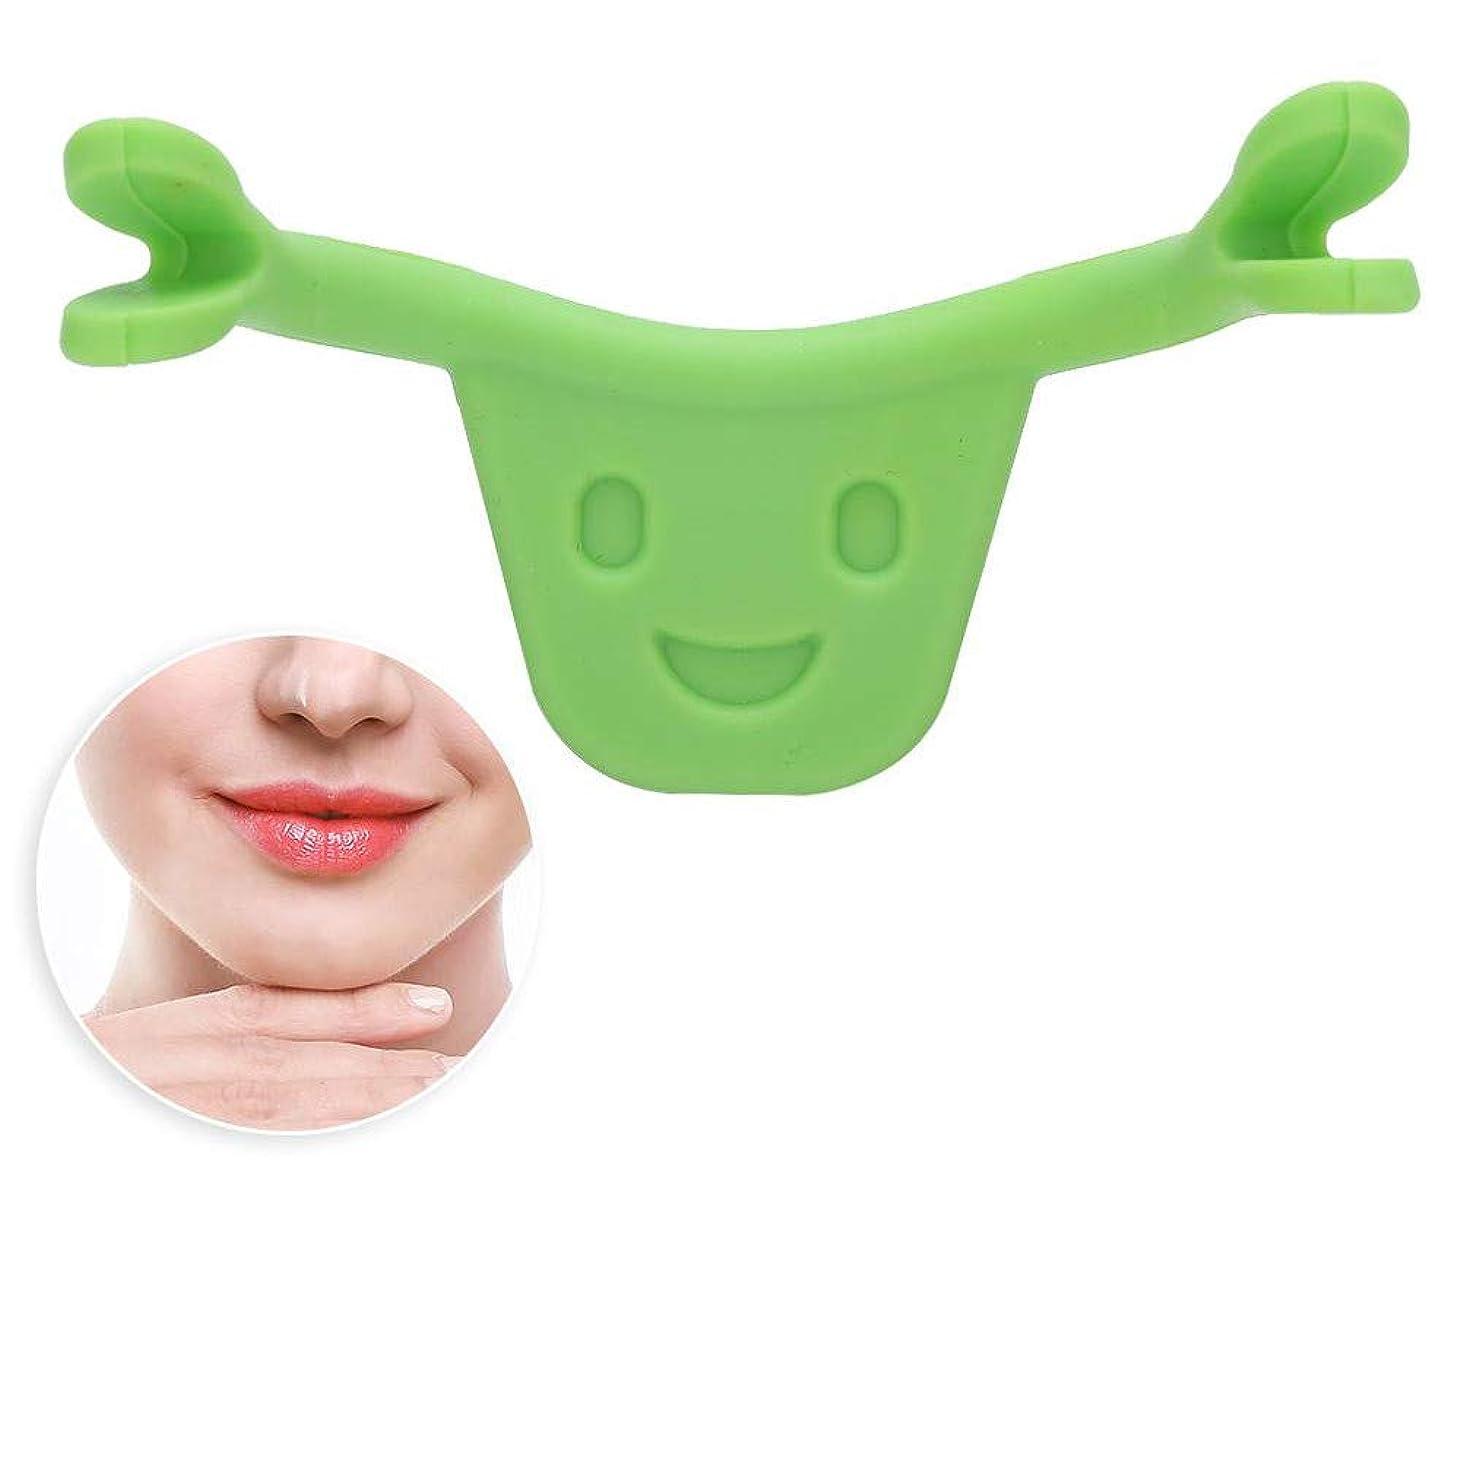 動揺させる好むヤギフェイストレーナー、笑顔メーカー2色パーソナルスマイル美容エクササイザトレーニングブレース笑顔メーカー美容ケア口の形(2#)